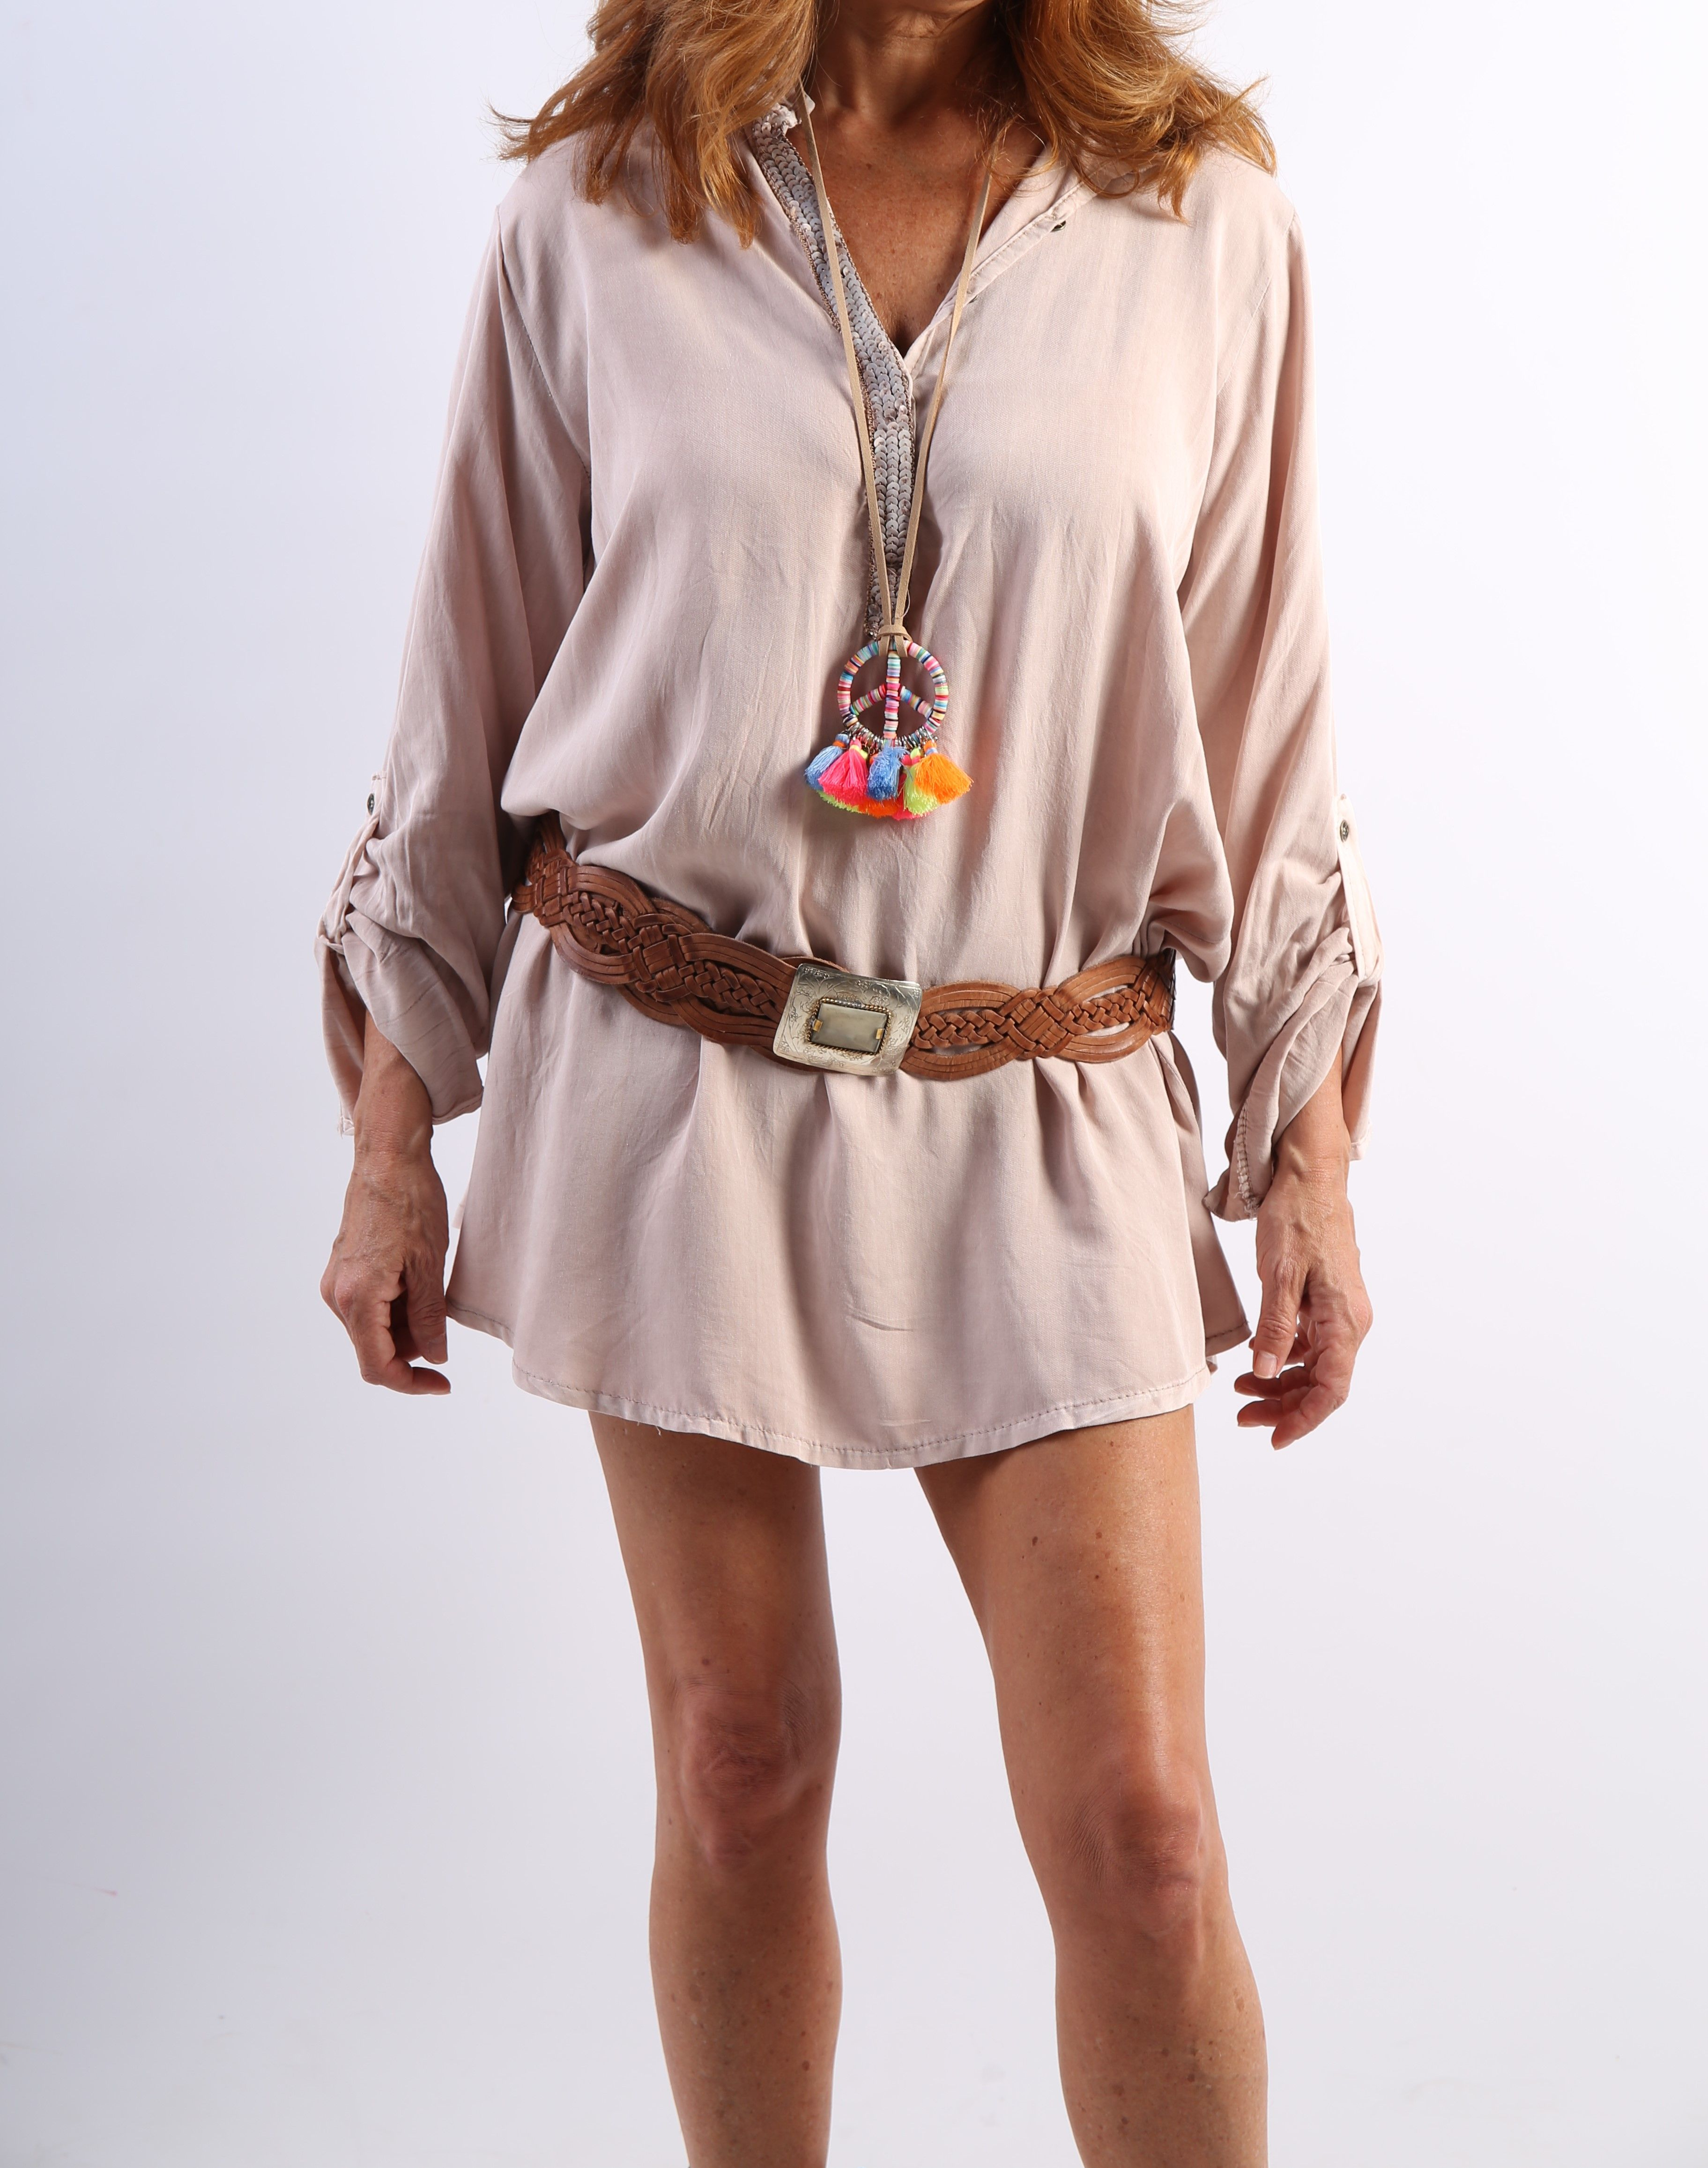 2658290d06 tienda online ropa,ropa mujer,ropa chica,moda,tendencias,zapatos ...